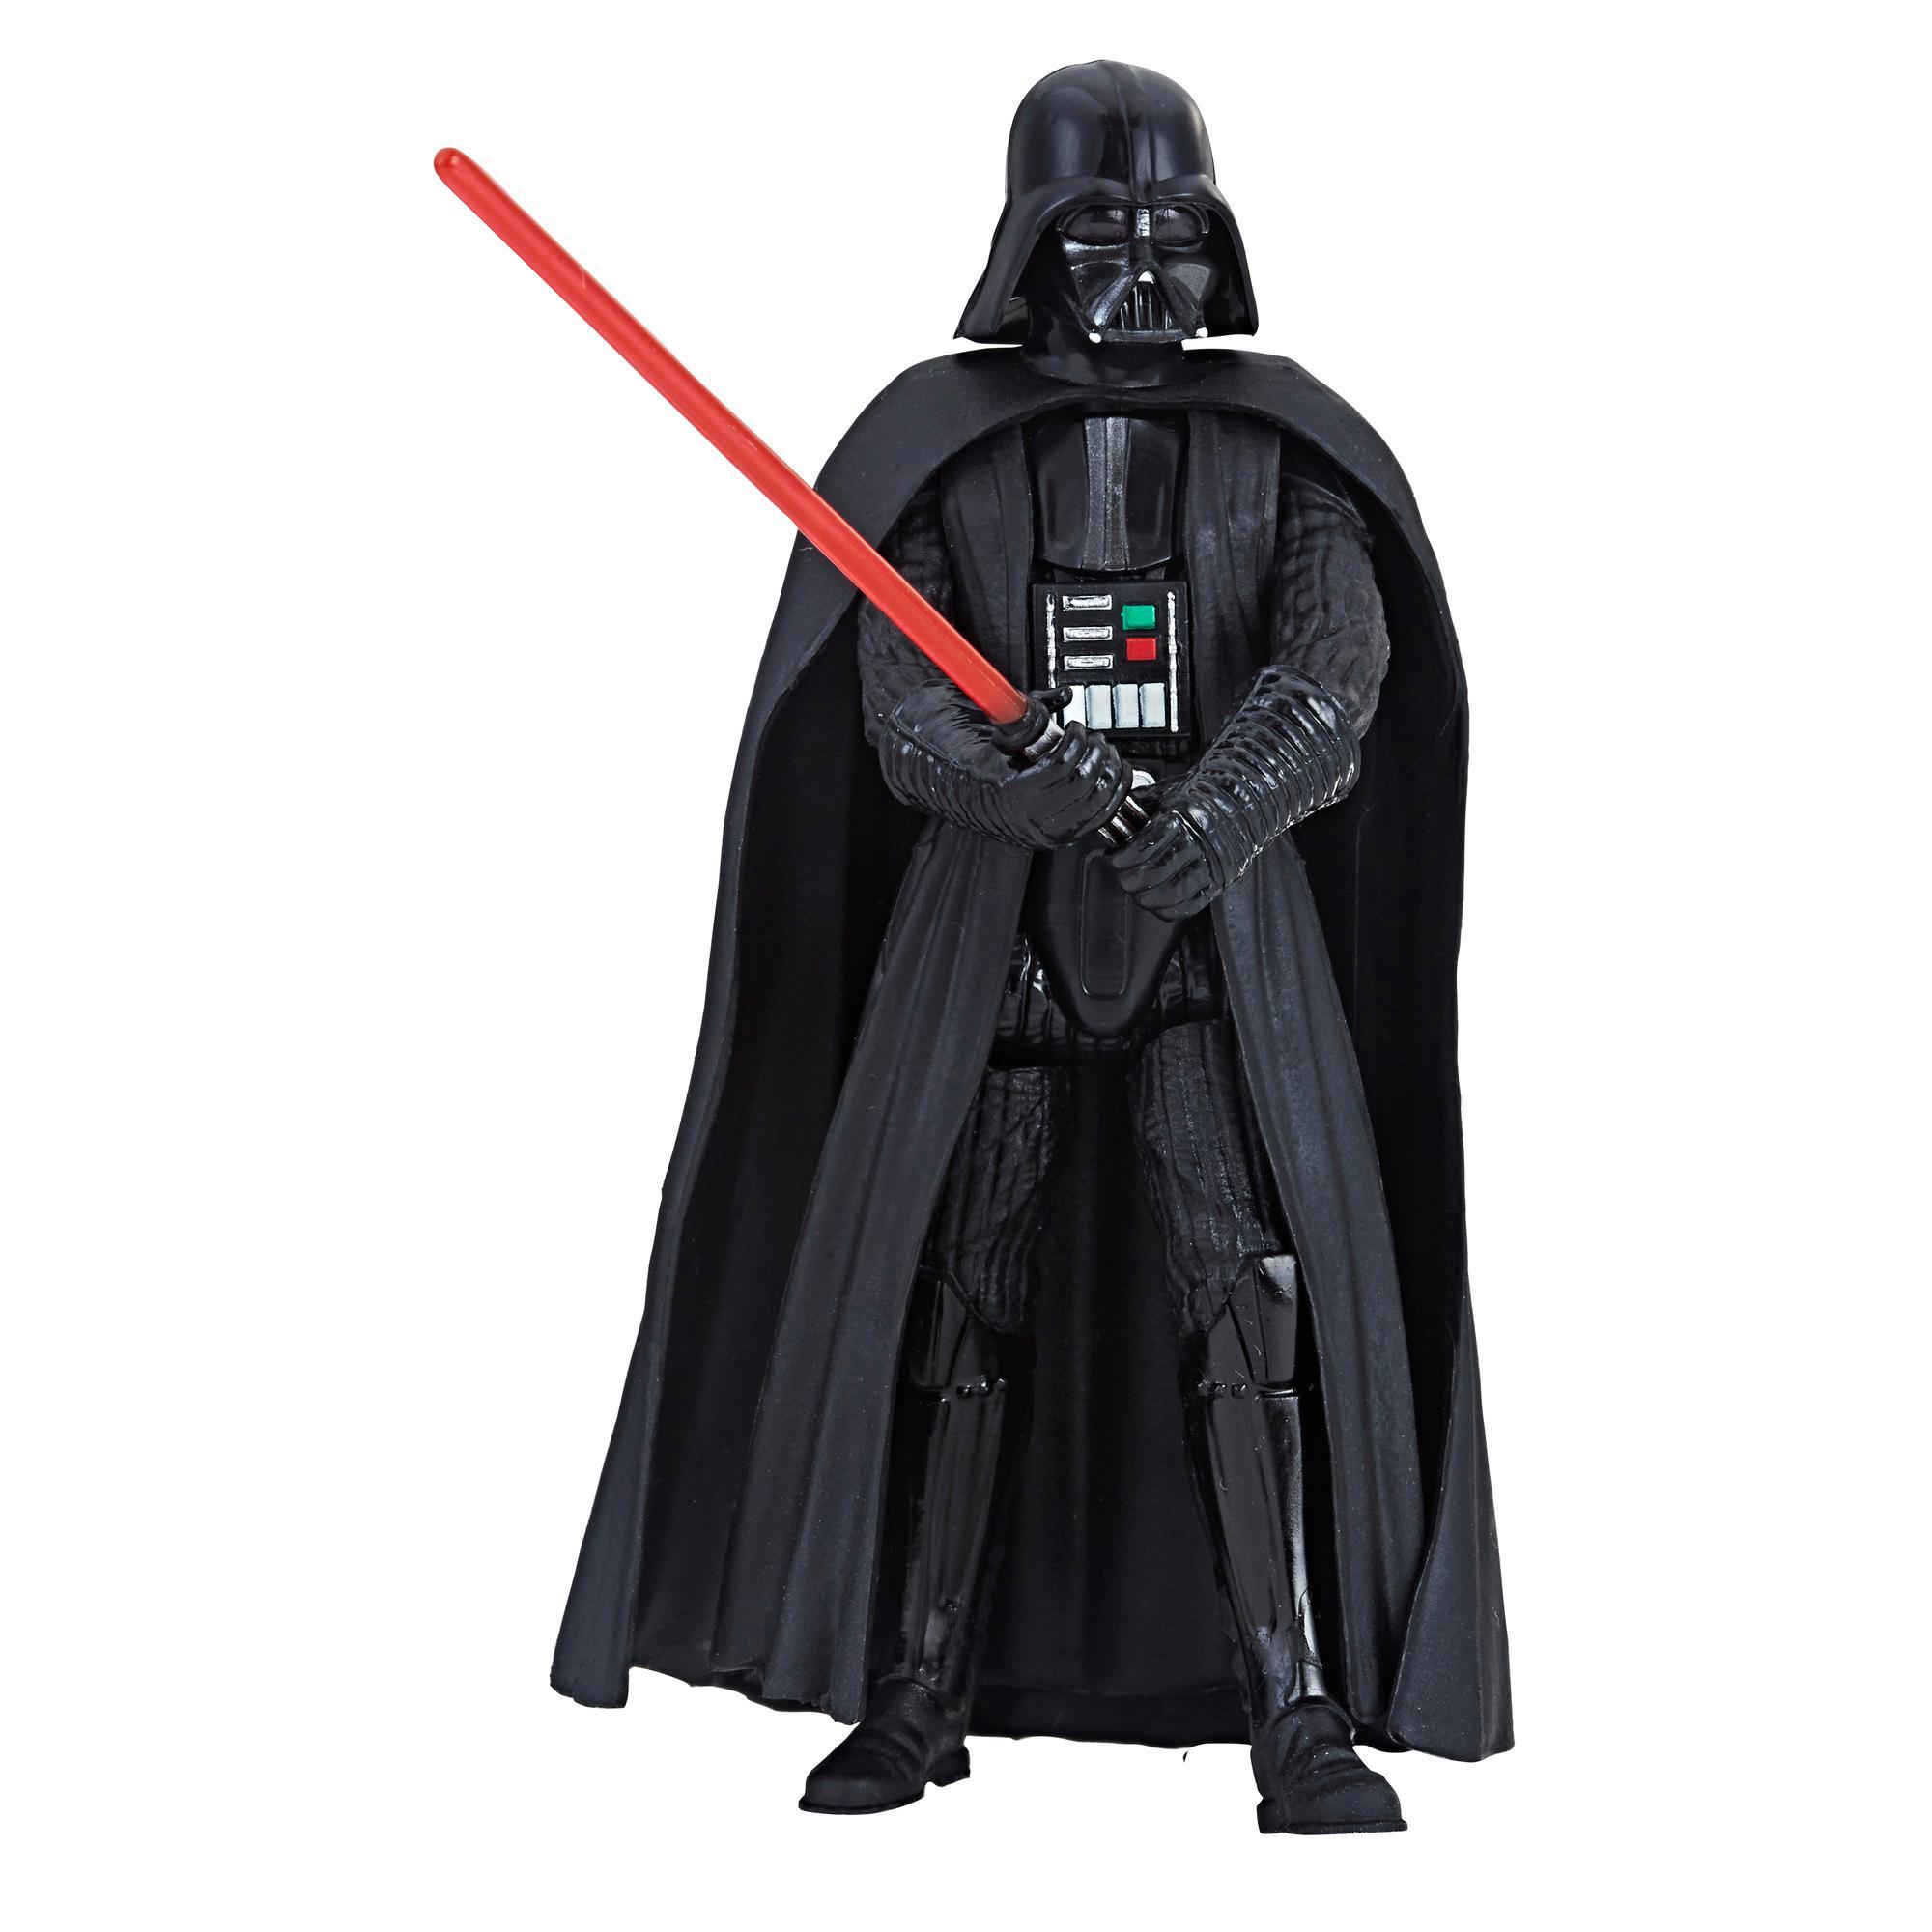 Star Wars Force Link 2.0 - Figura de Darth Vader